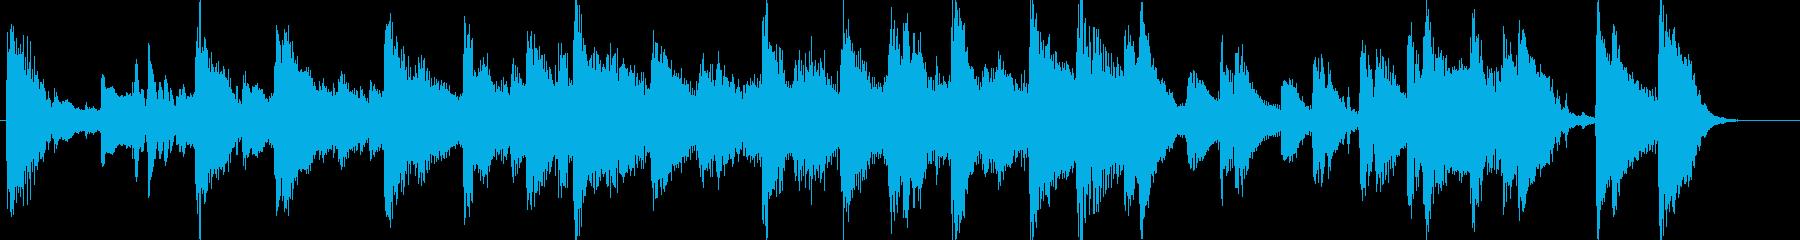 CM用BGM出囃子クリスマスpopピアノの再生済みの波形